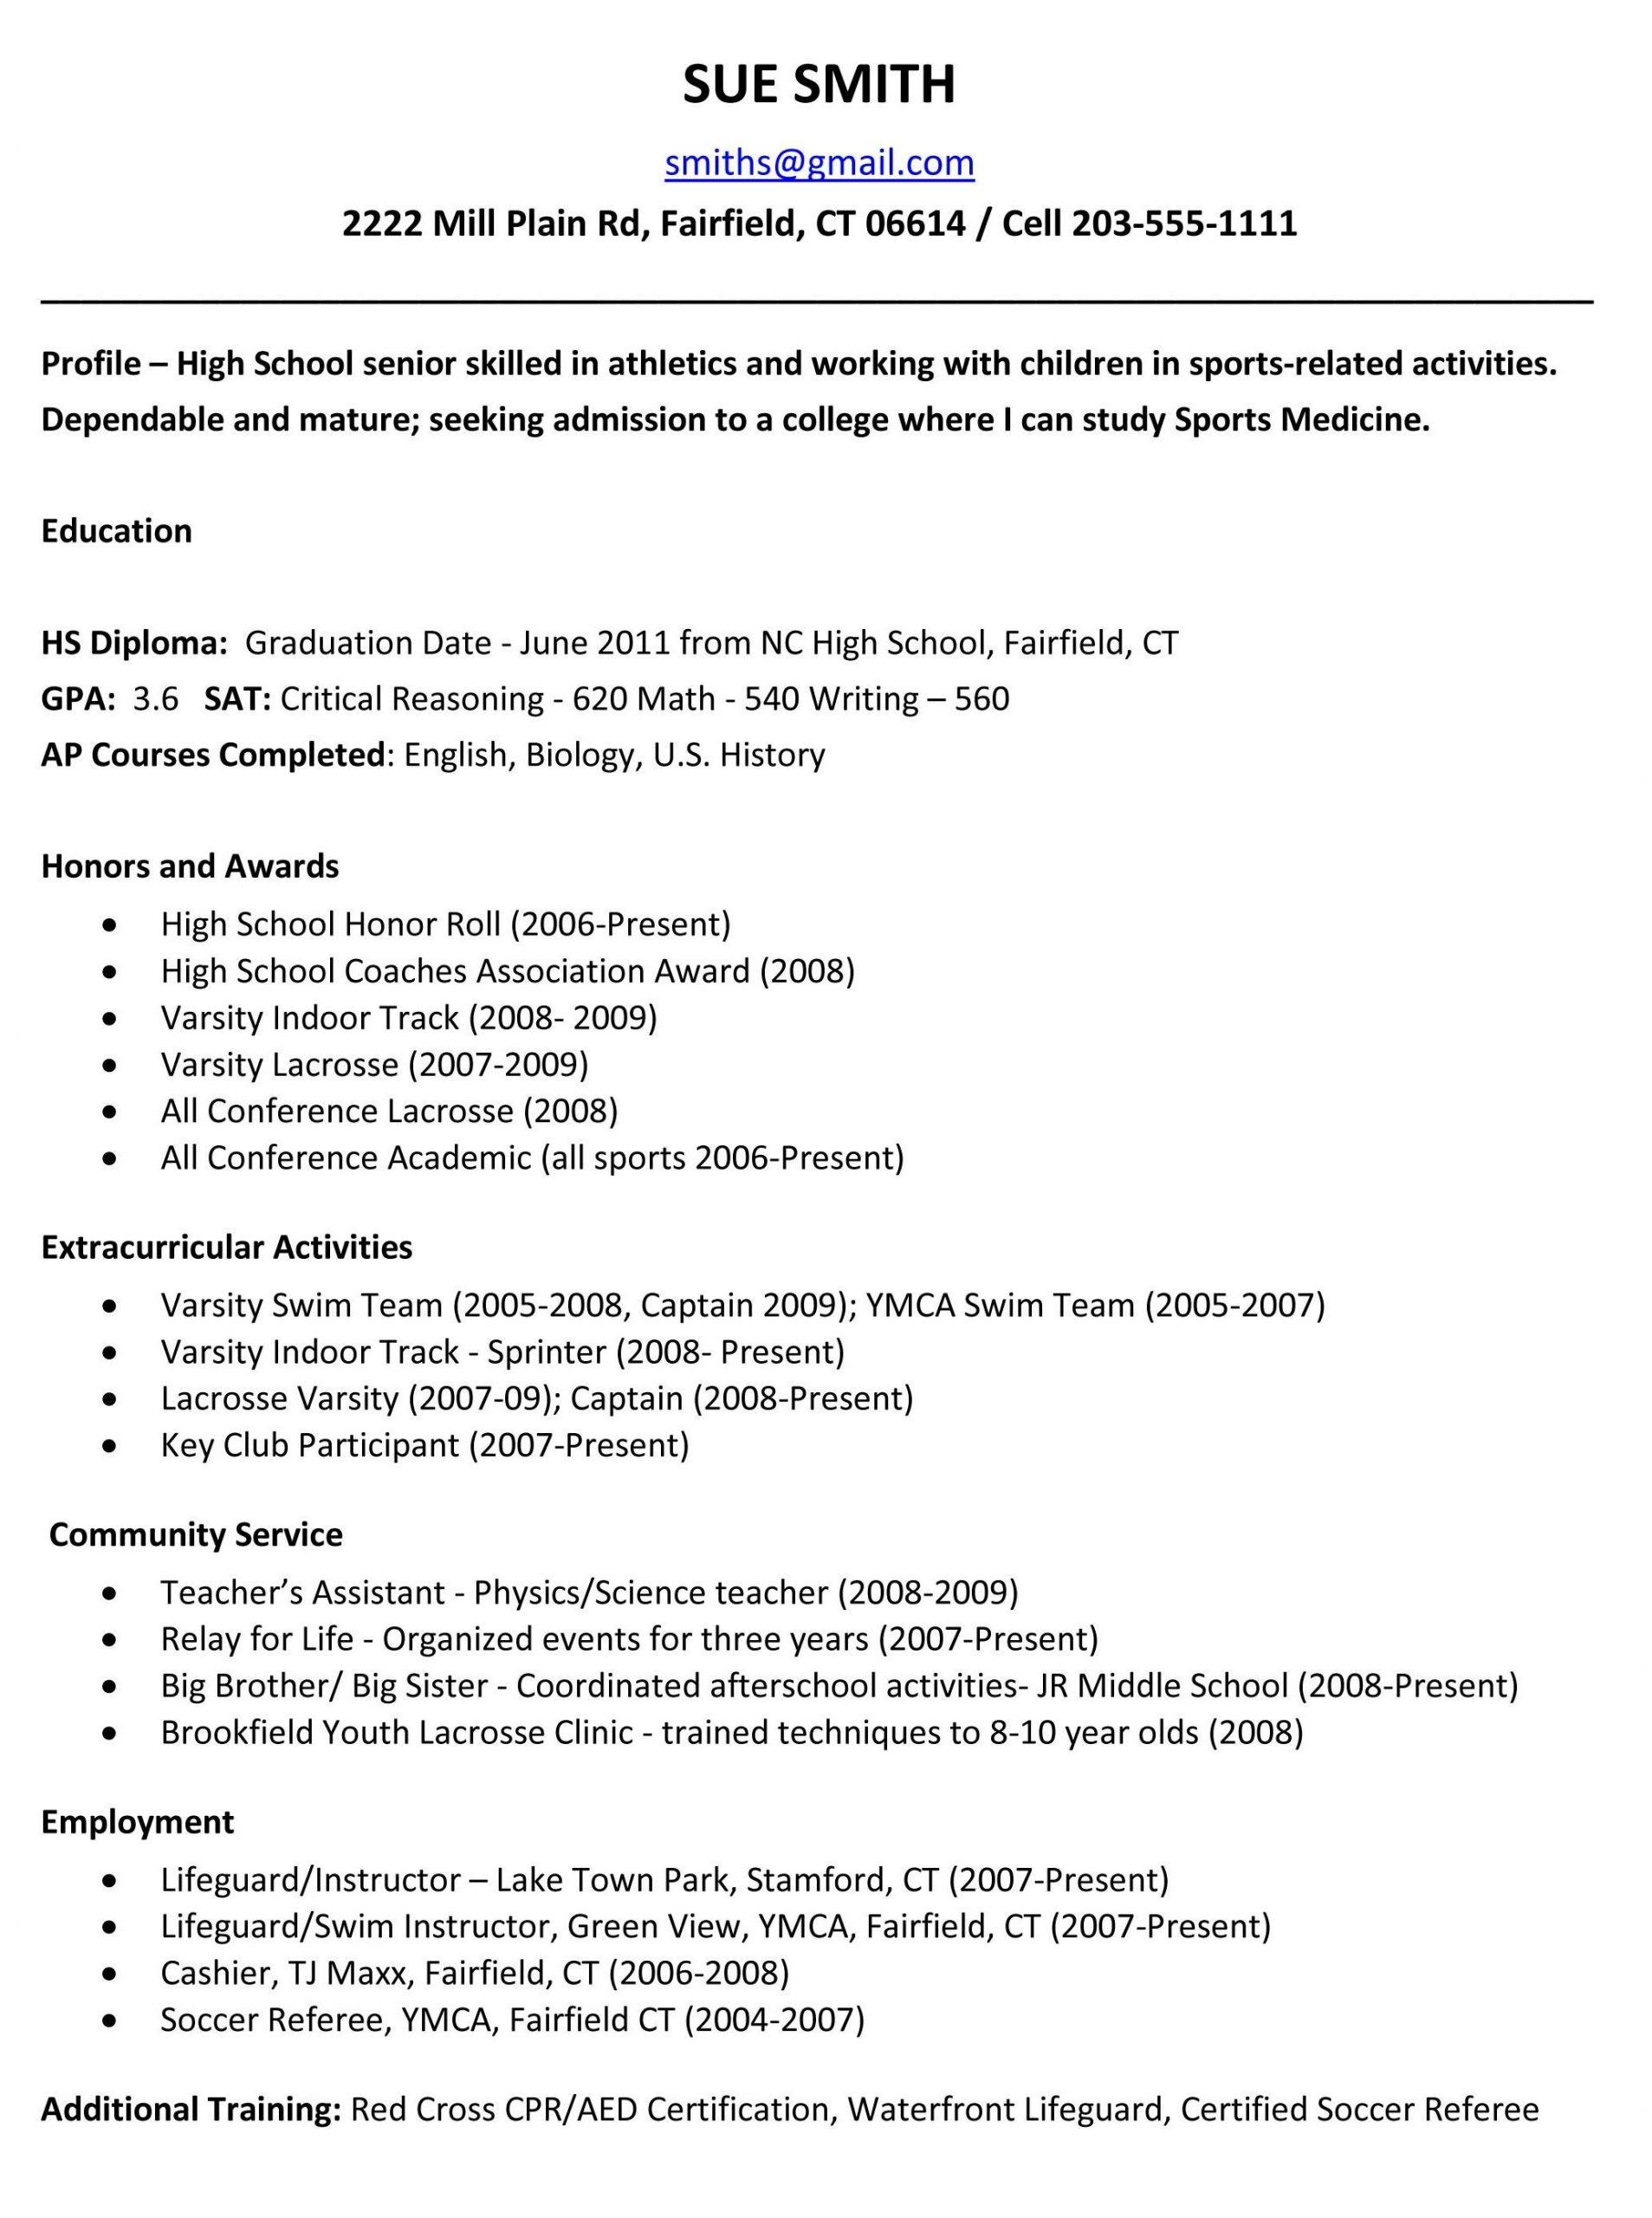 Sample High School Senior Resume for College Sample High School Resume for College App – High School Resume …